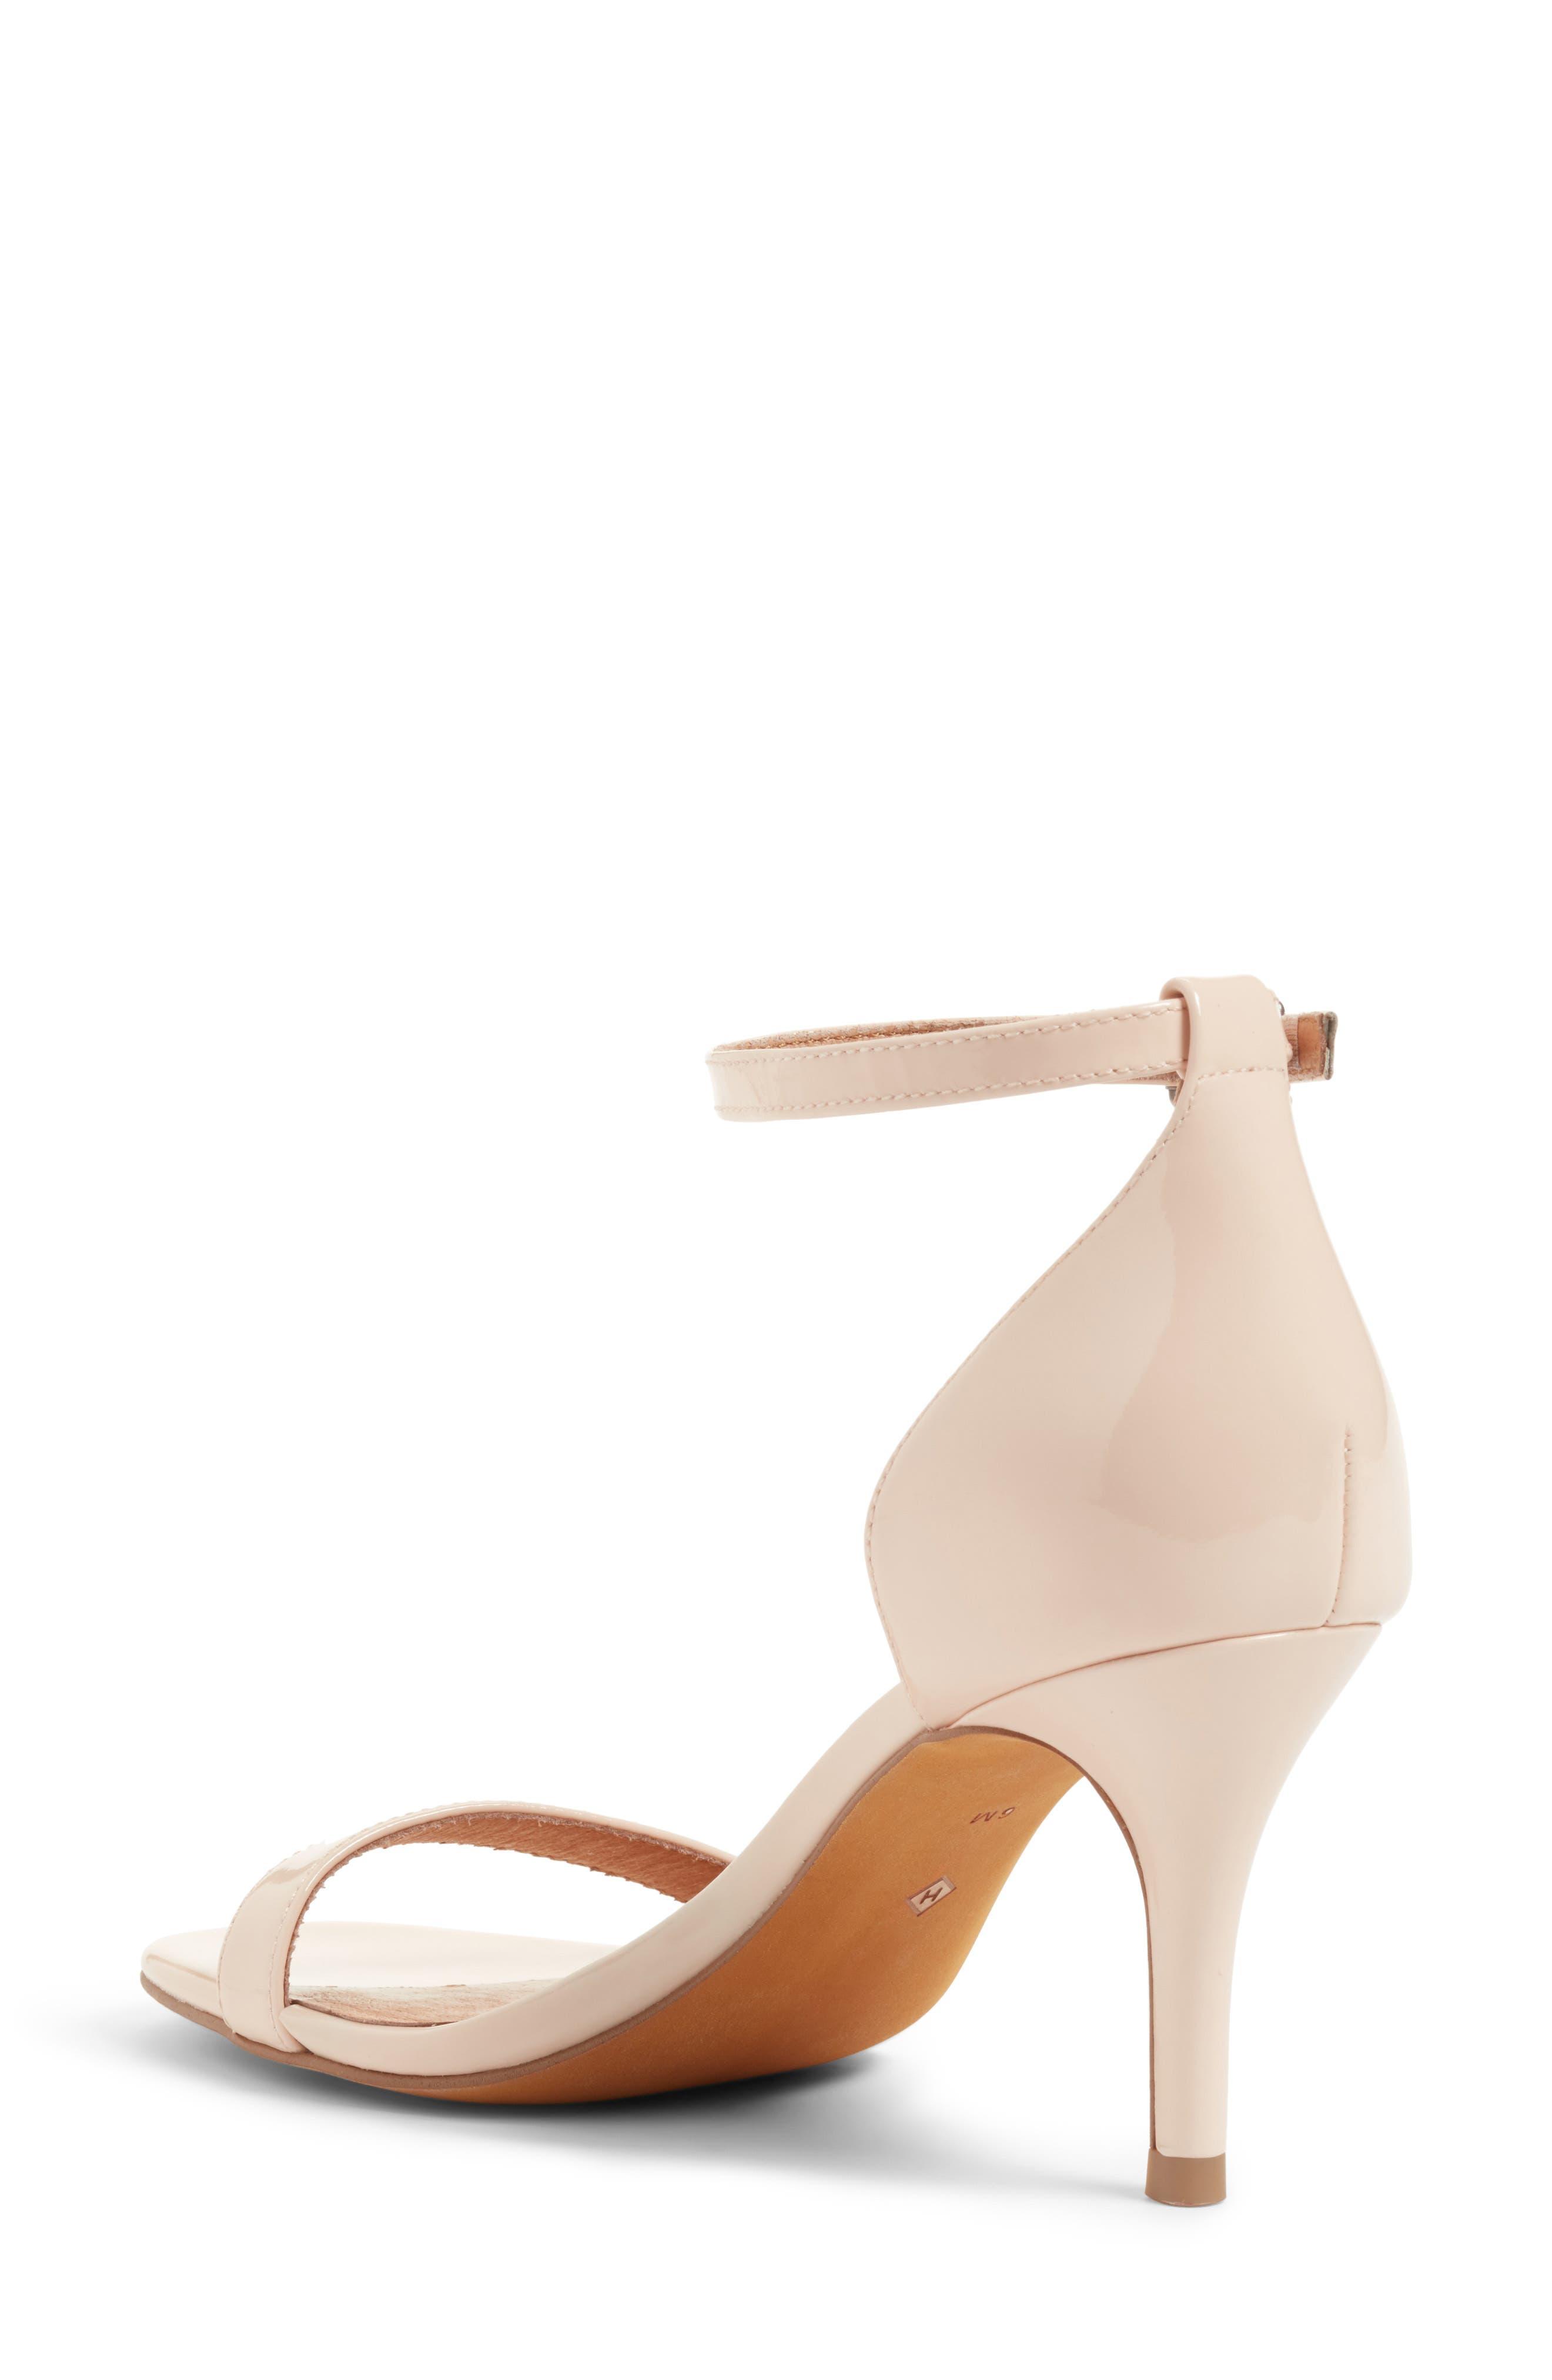 Audrey Ankle Strap Sandal,                             Alternate thumbnail 30, color,